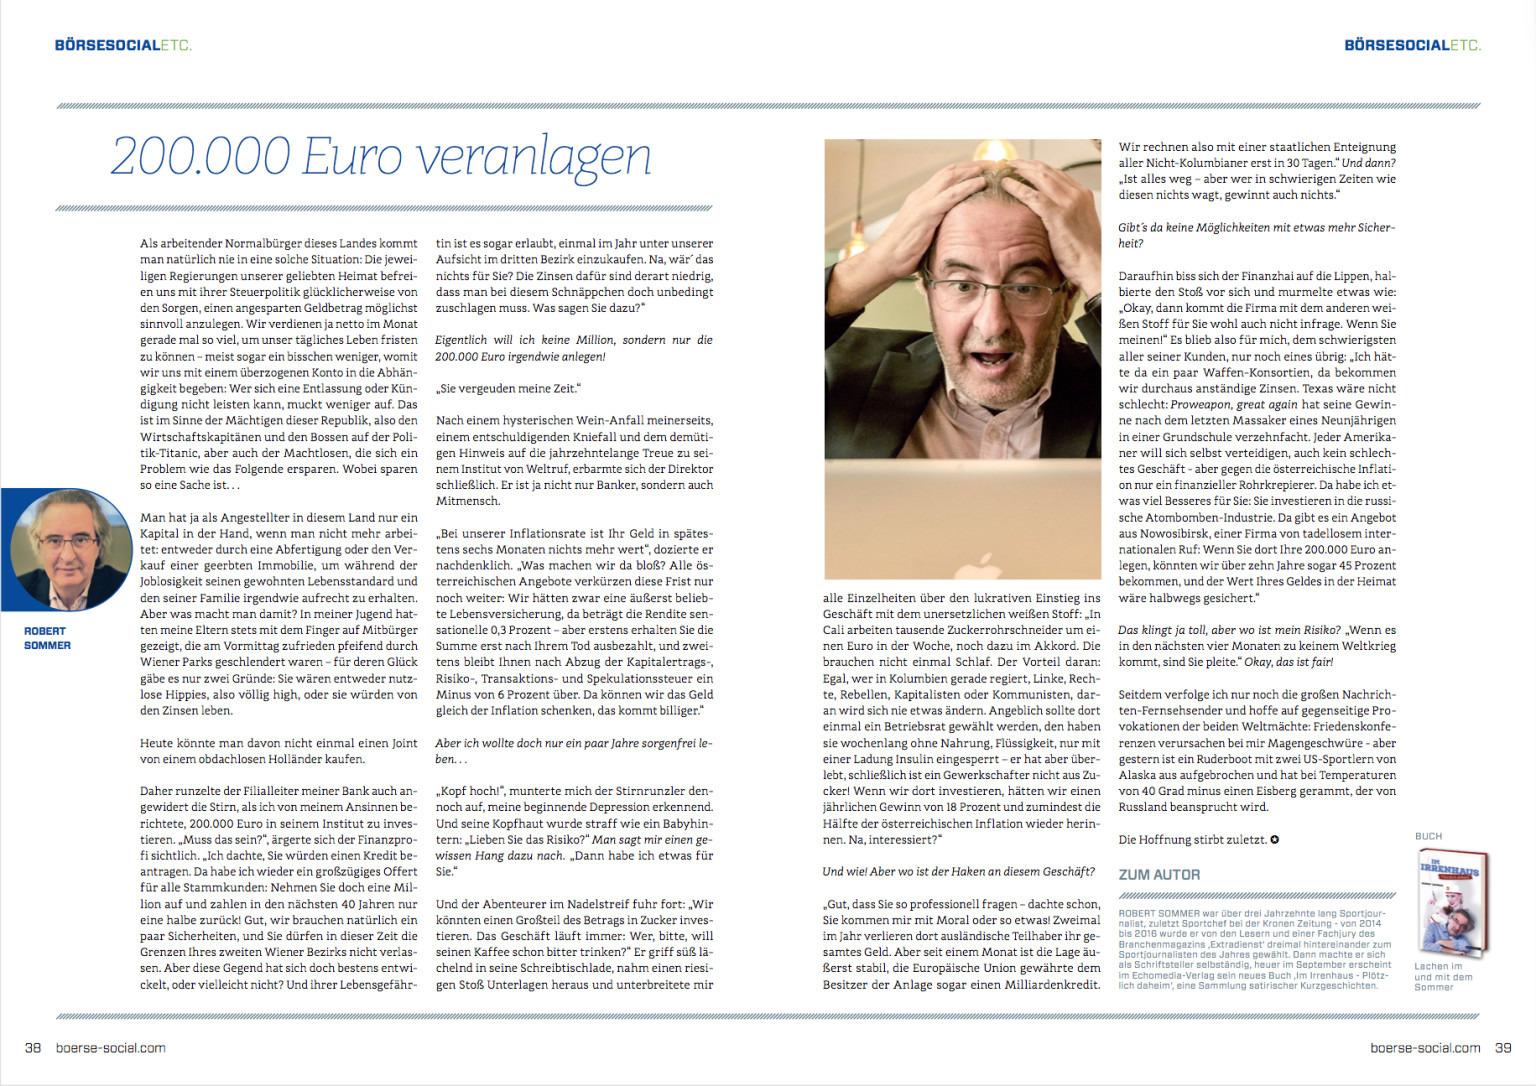 Börse Social Magazin